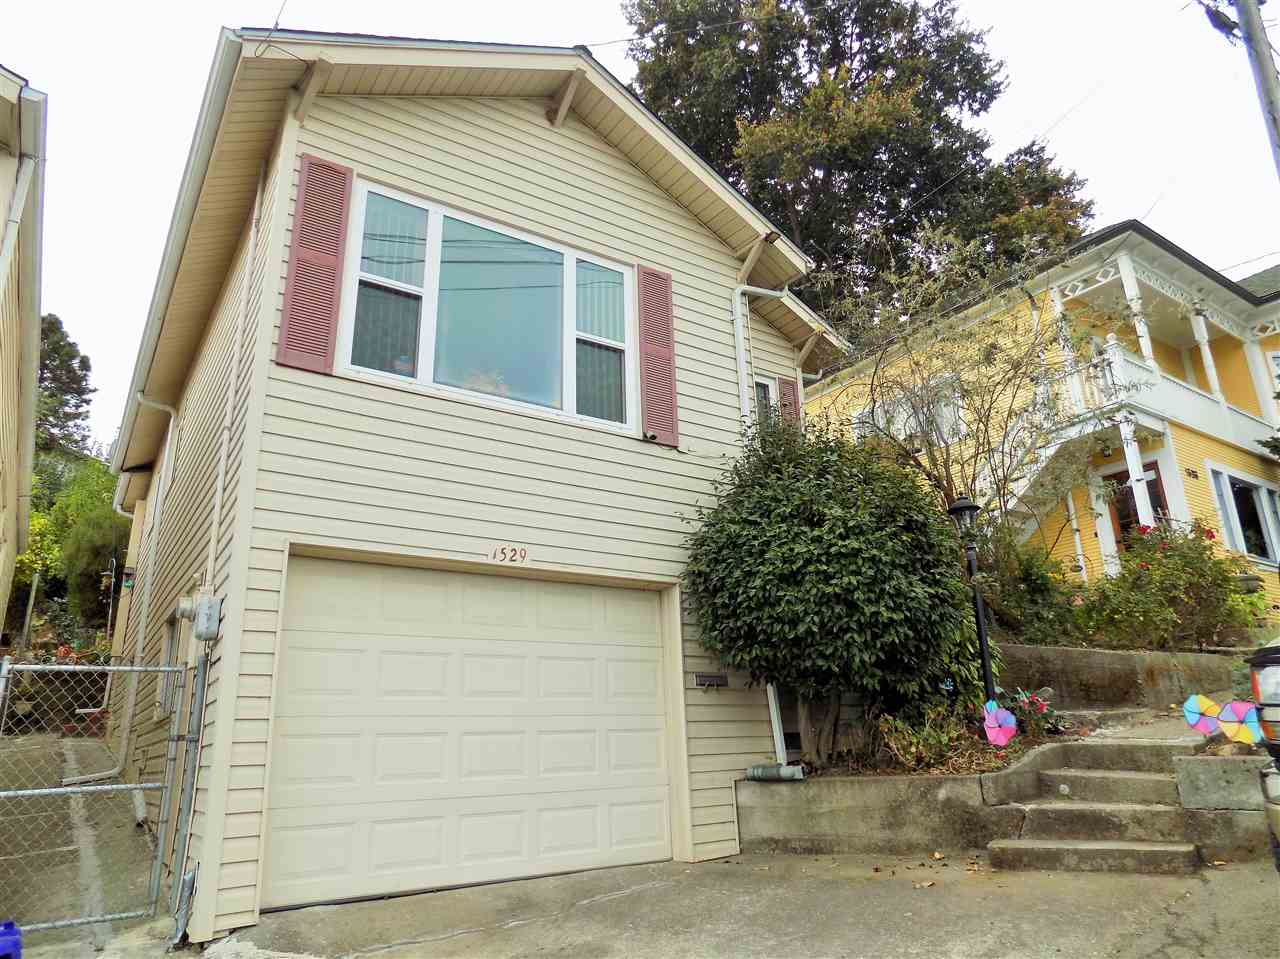 獨棟家庭住宅 為 出售 在 1529 Francis Street 1529 Francis Street Crockett, 加利福尼亞州 94525 美國